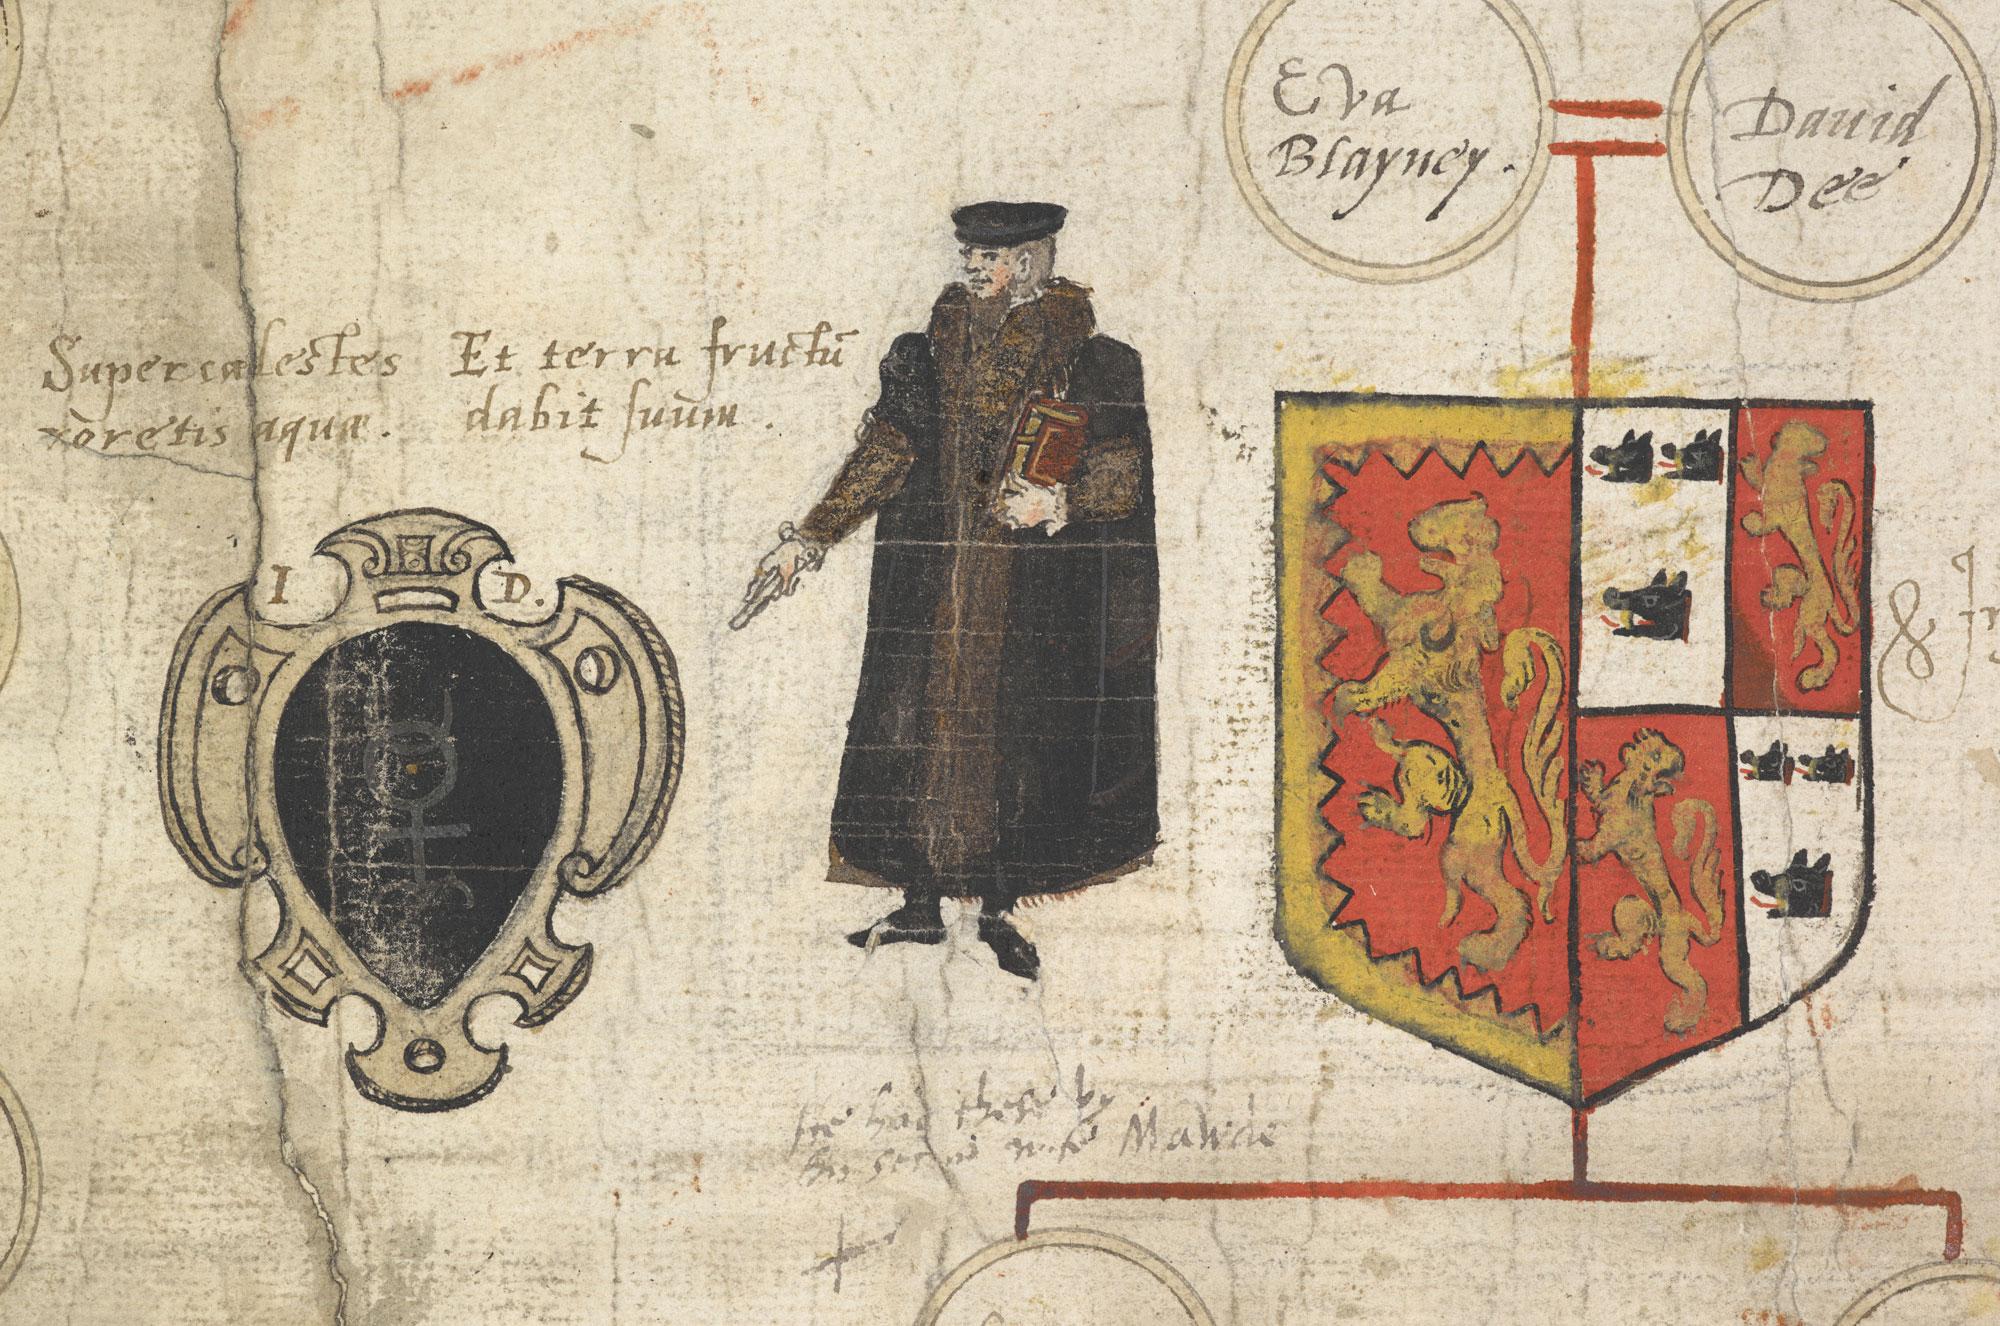 John Dee's genealogy and self-portrait